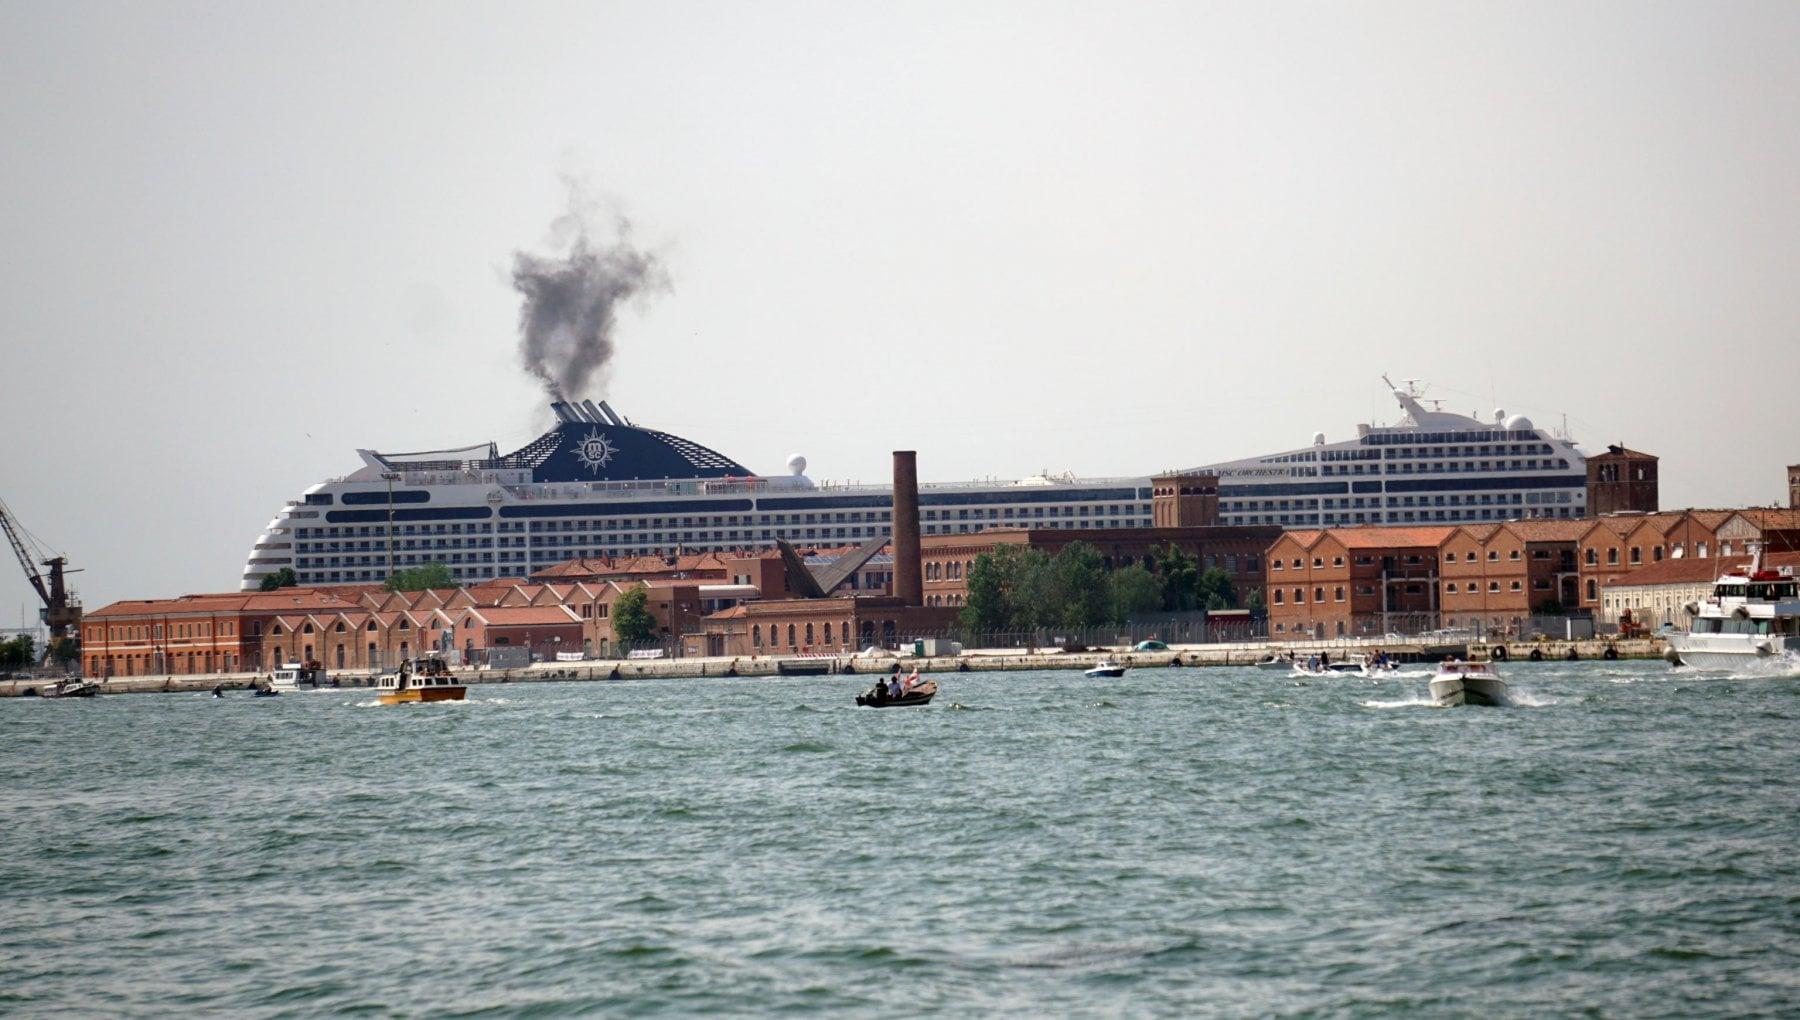 175222561 0e7abc1c 6a3d 4c96 b868 23172e92c100 - Venezia, ultimatum Unesco: via subito le grandi navi dalla laguna. Tempo scaduto. Ipotesi compensazioni ai privati